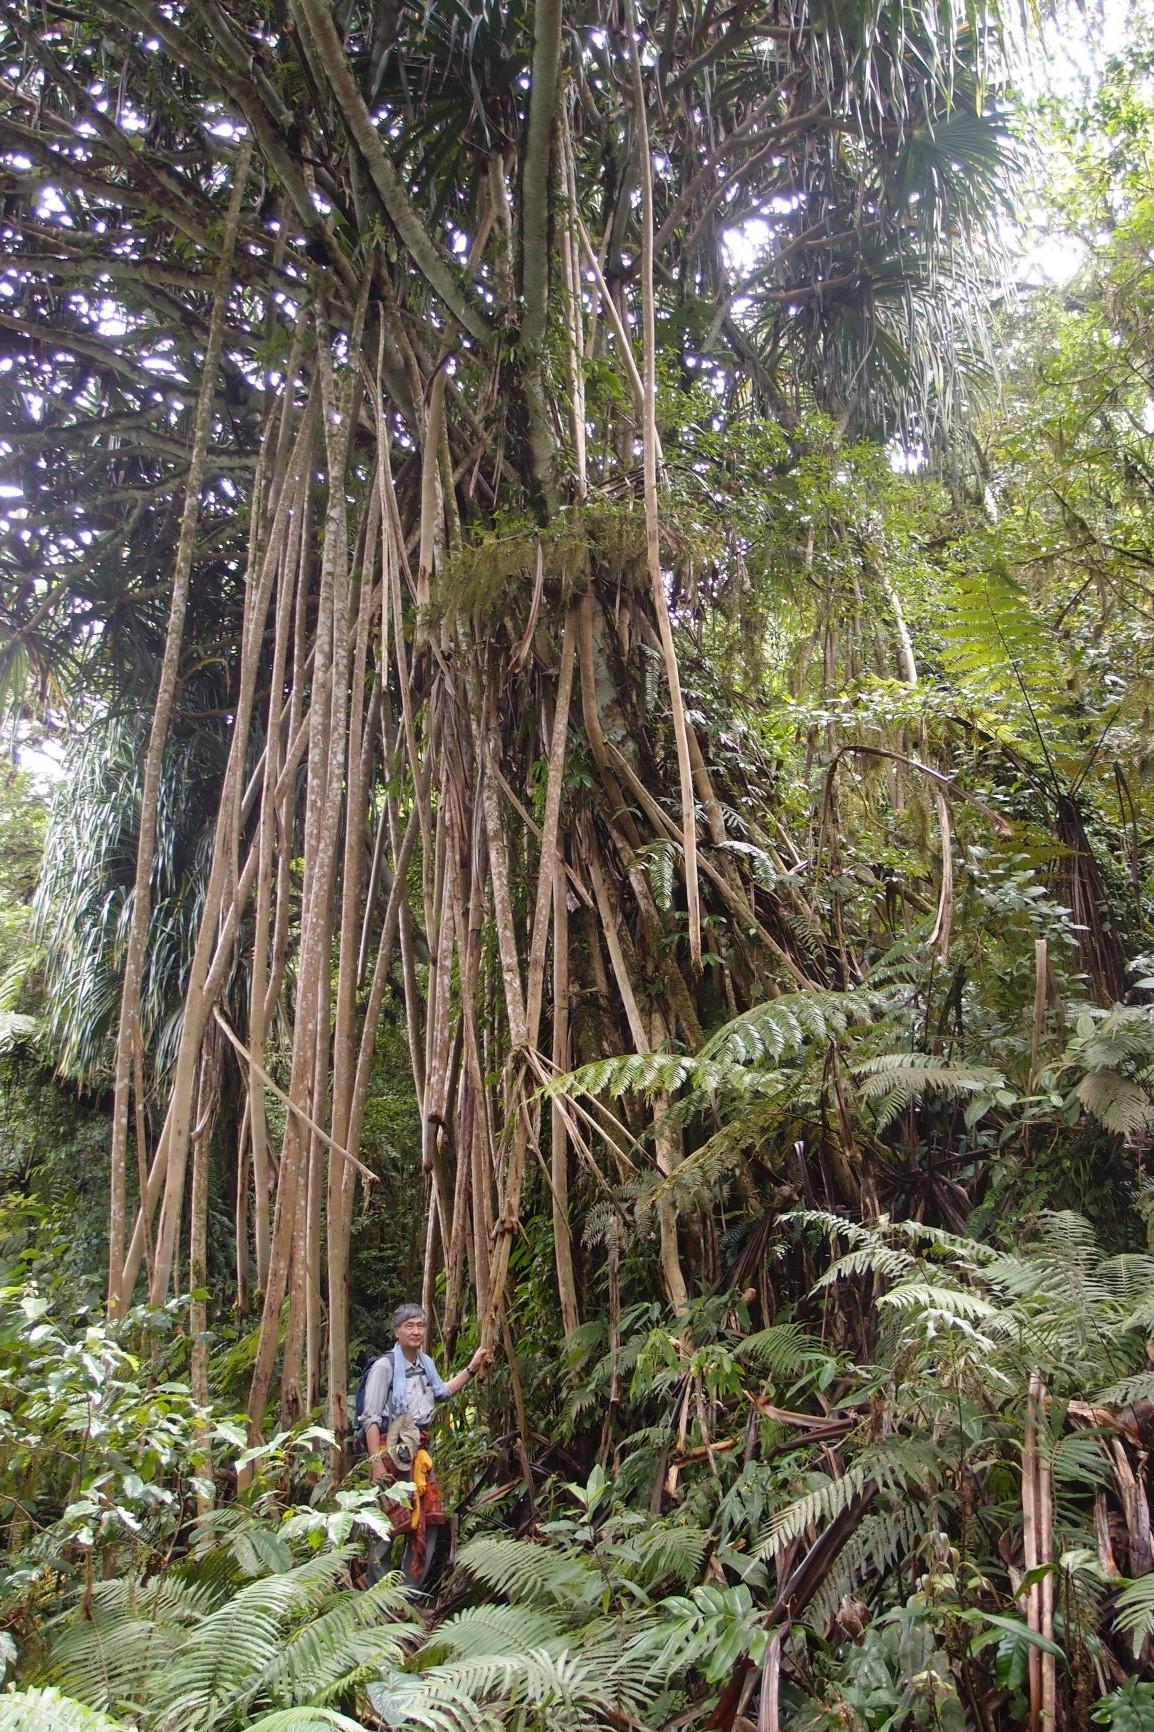 パンダナス(タコノキ属)の木(2日目)